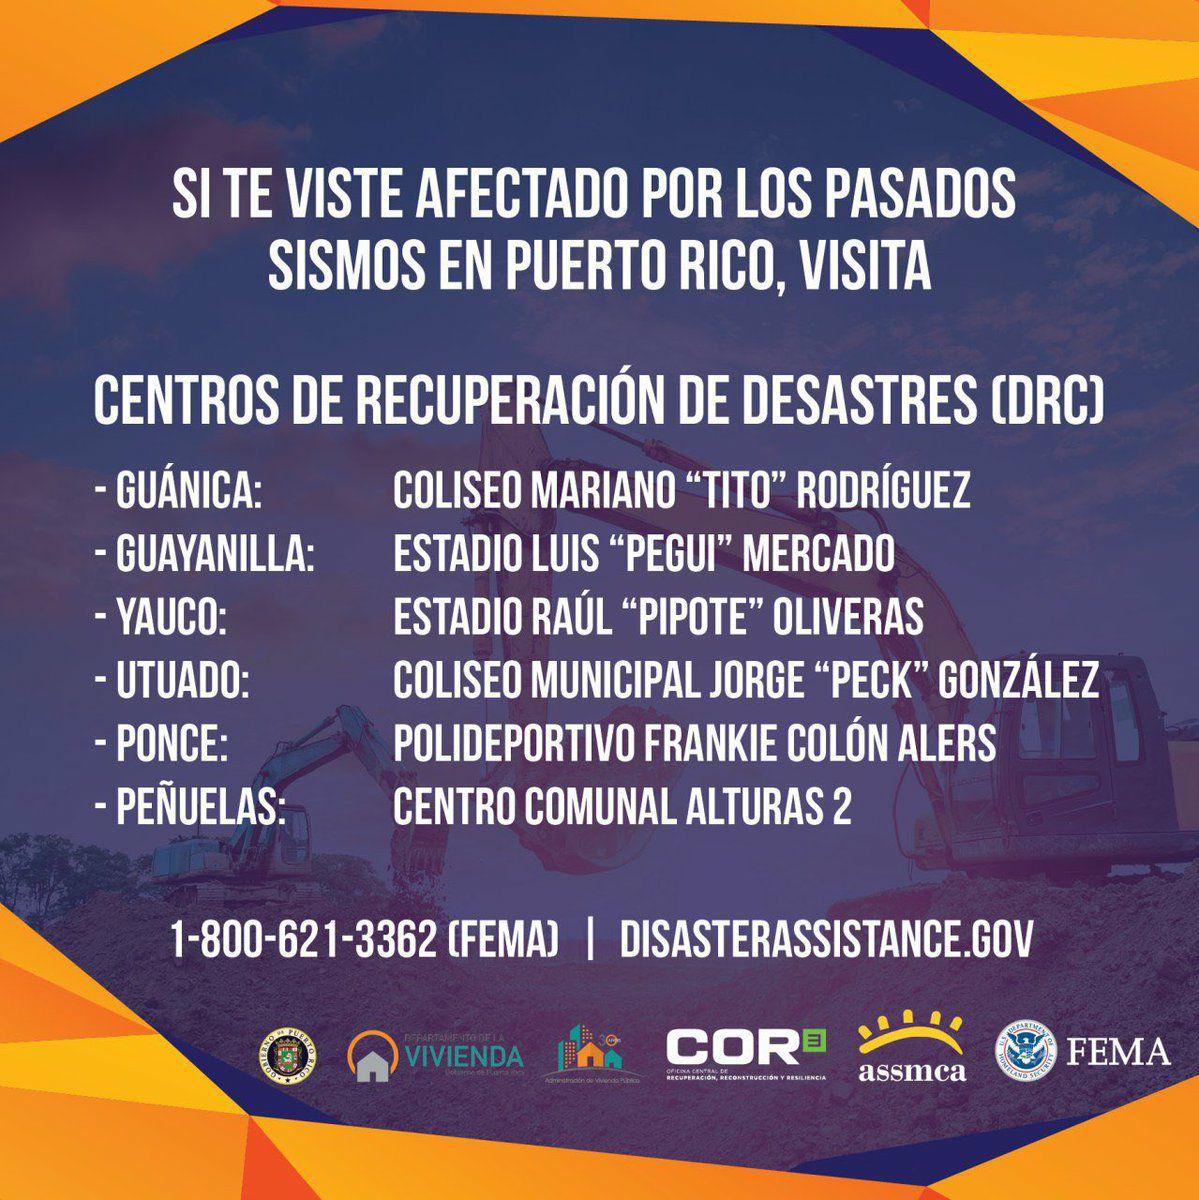 Información importante para aquellas personas que han sido afectadas por los sismos.